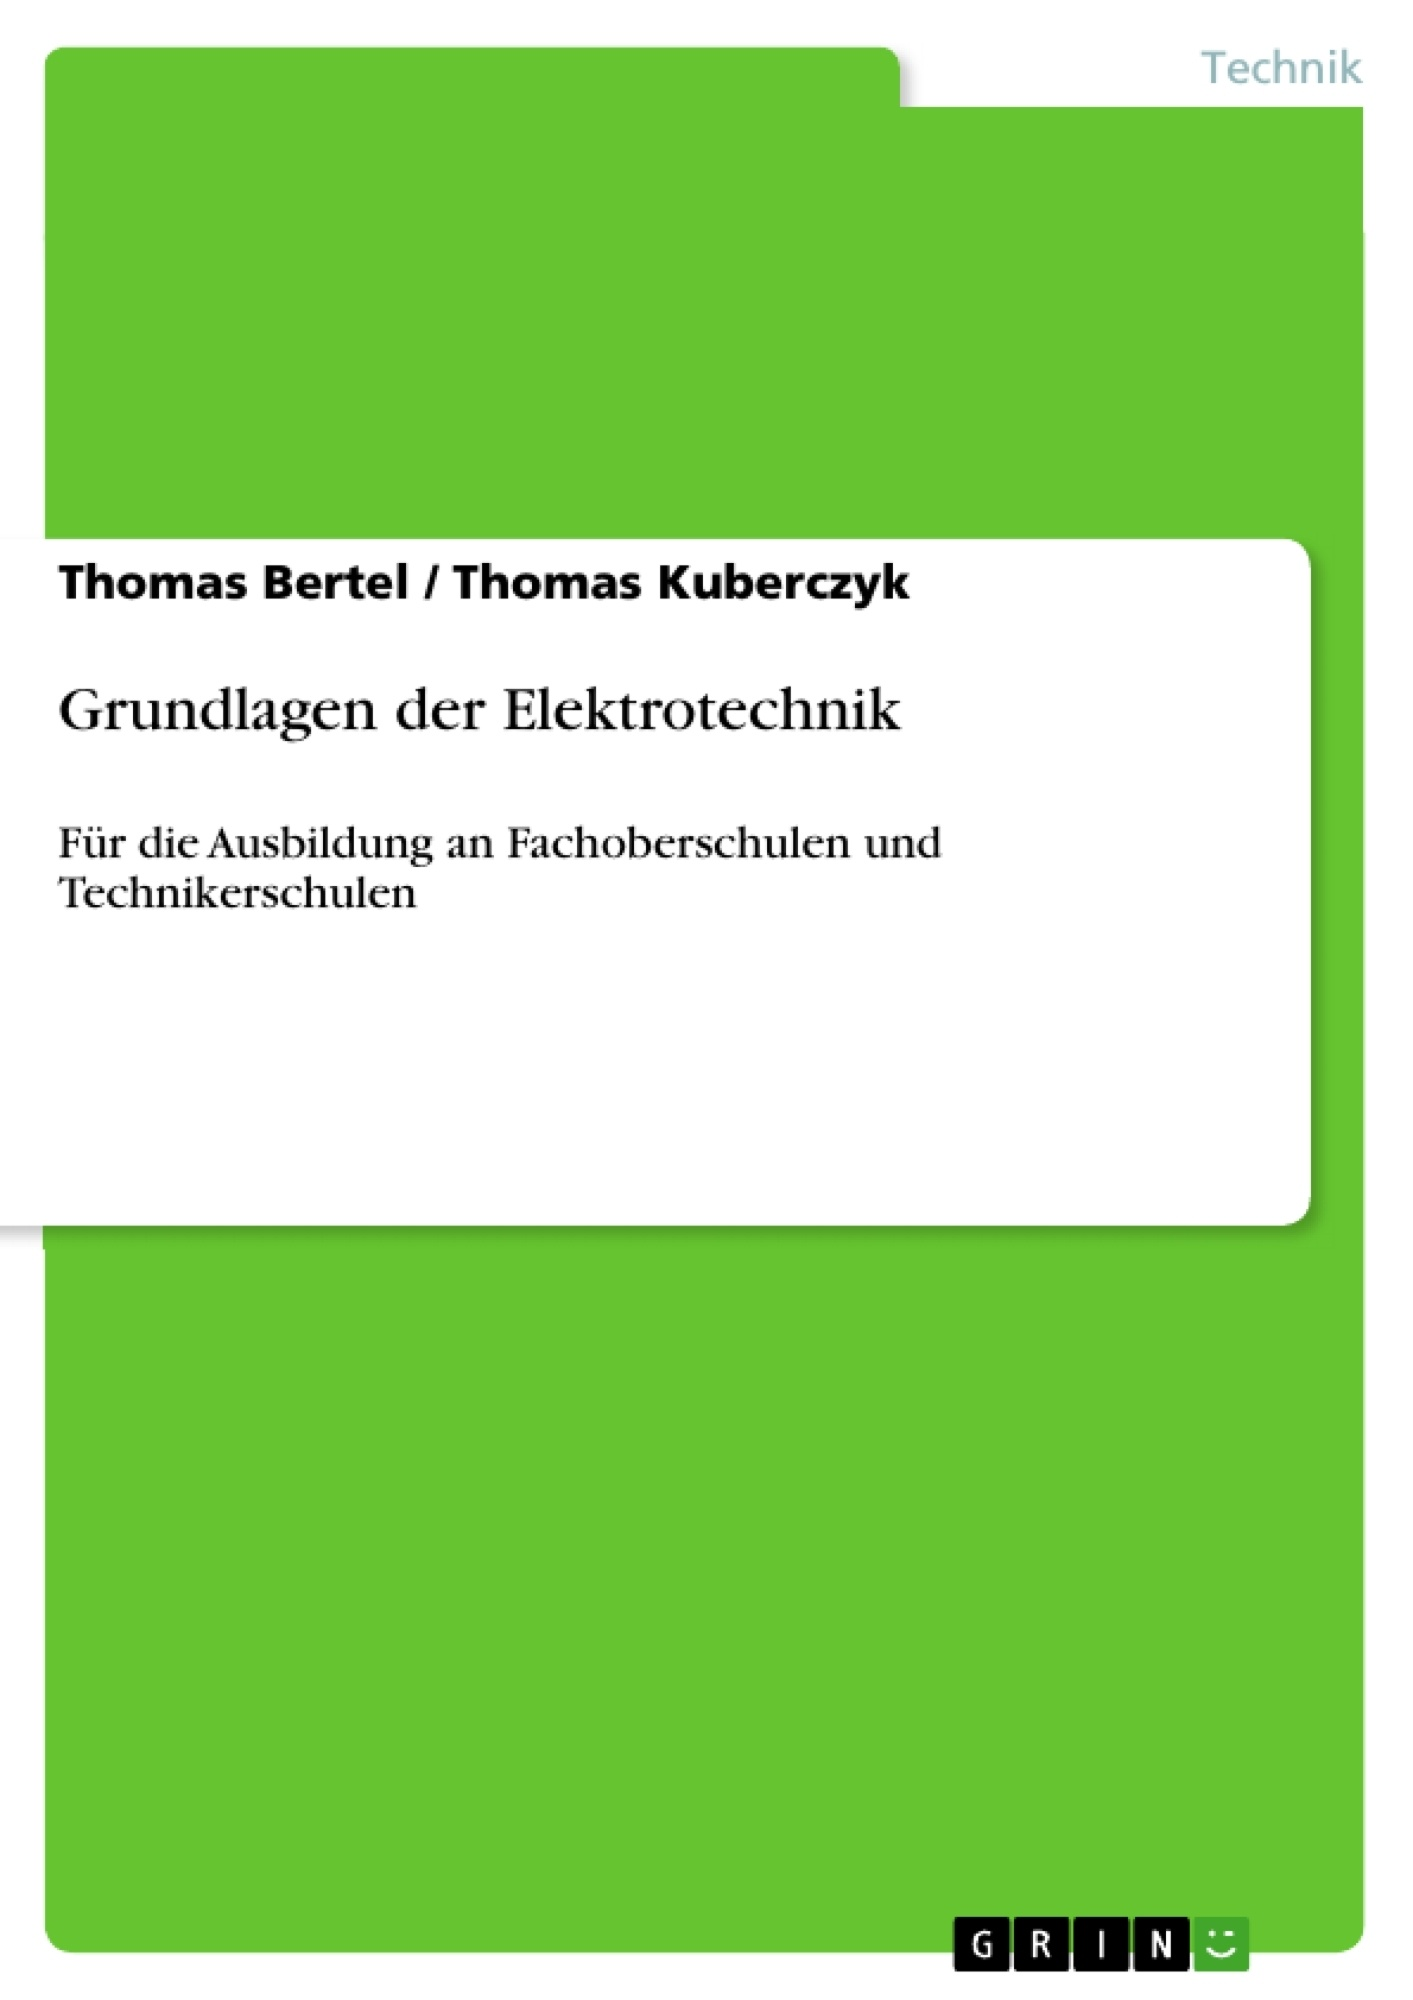 Titel: Grundlagen der Elektrotechnik